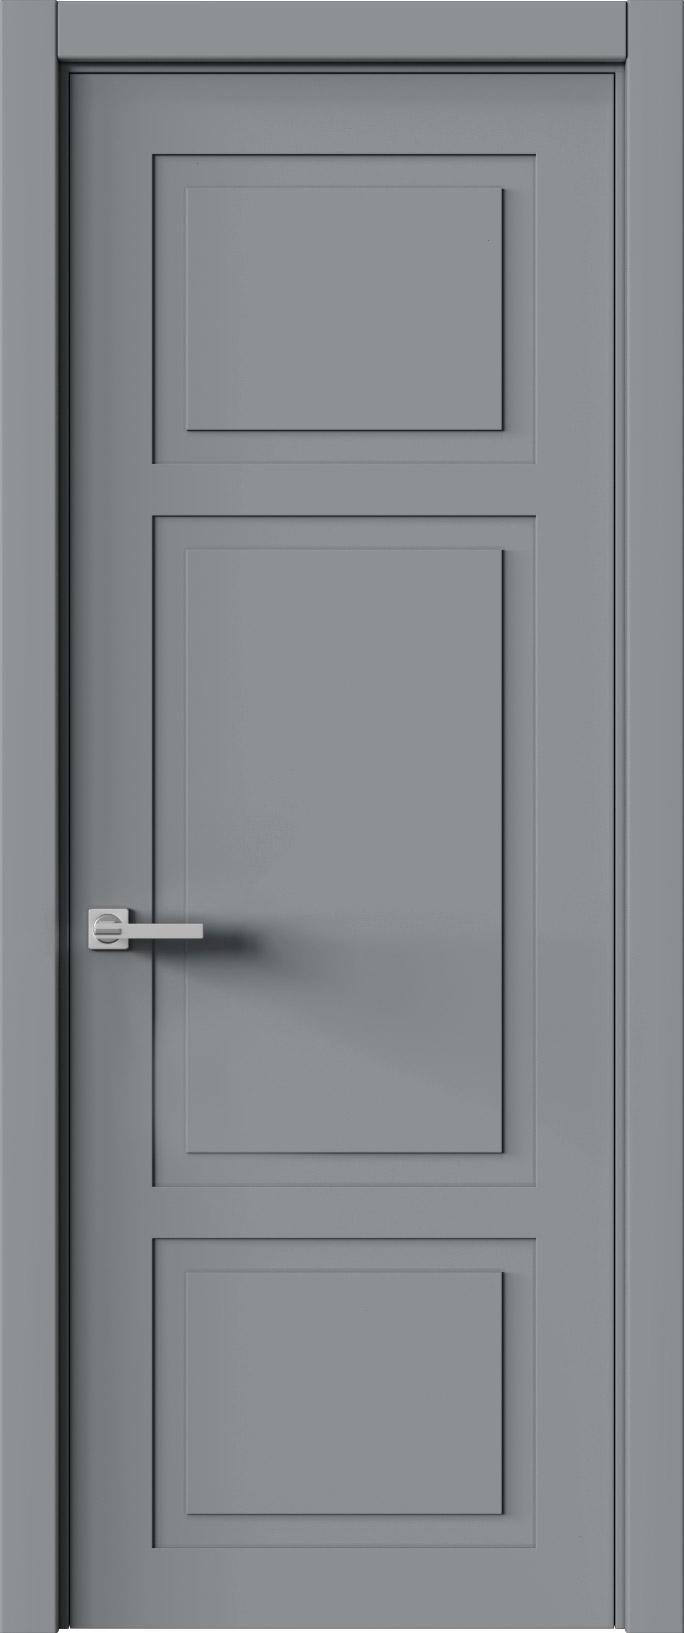 Tivoli К-5 цвет - Серебристо-серая эмаль (RAL 7045) Без стекла (ДГ)